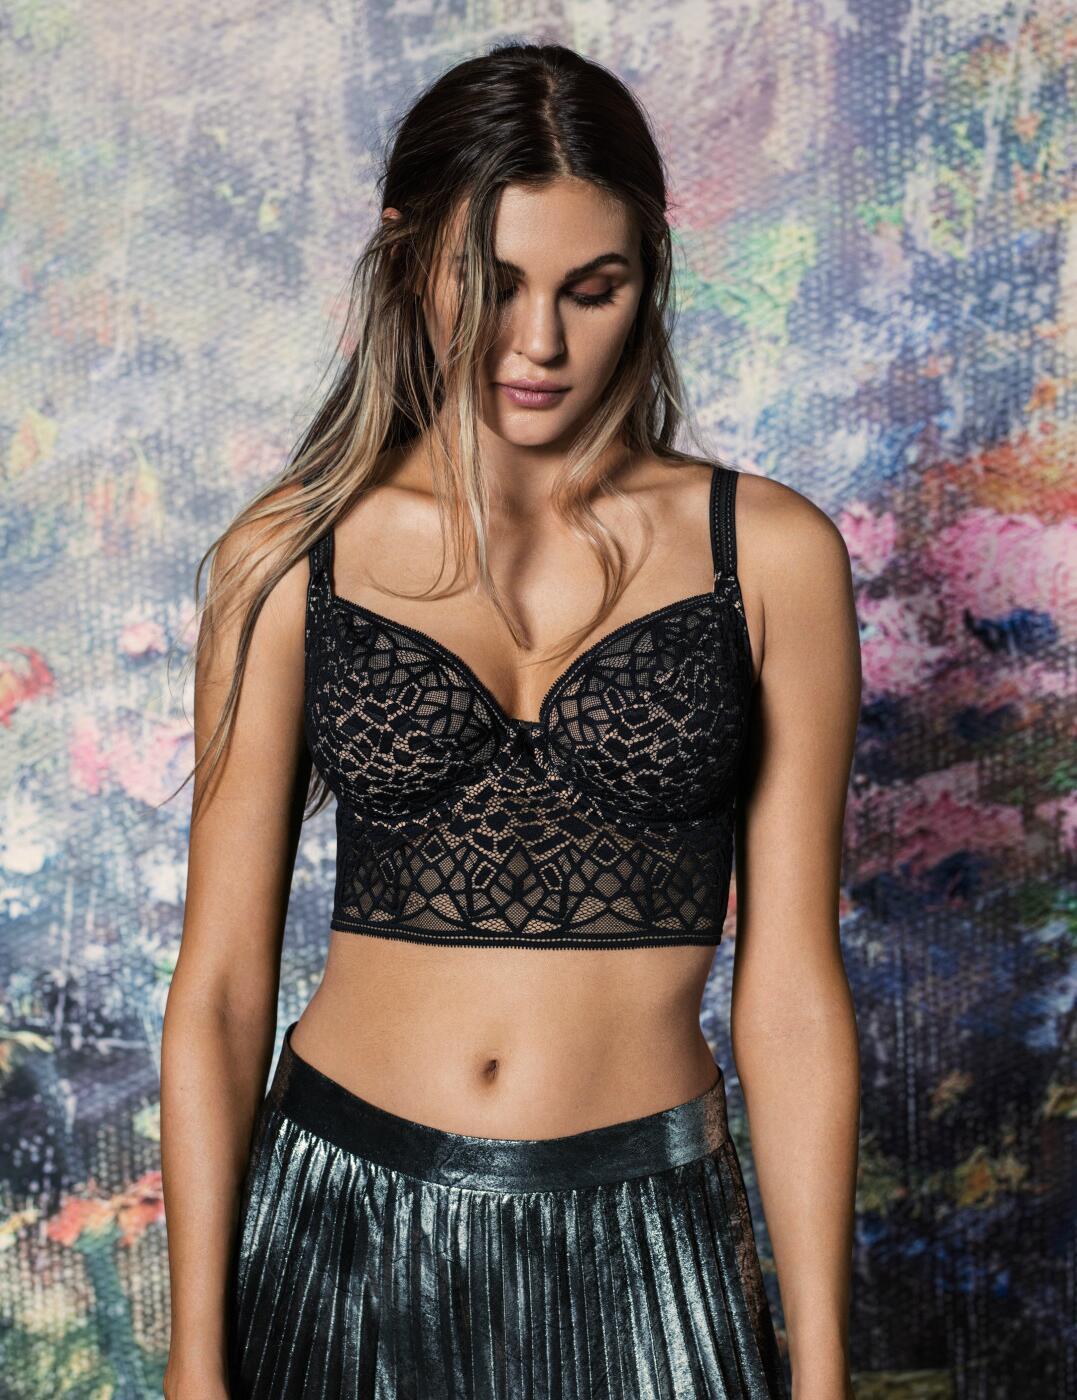 5014 Freya Soiree Lace Longline Bralette Bra - 5014 Black